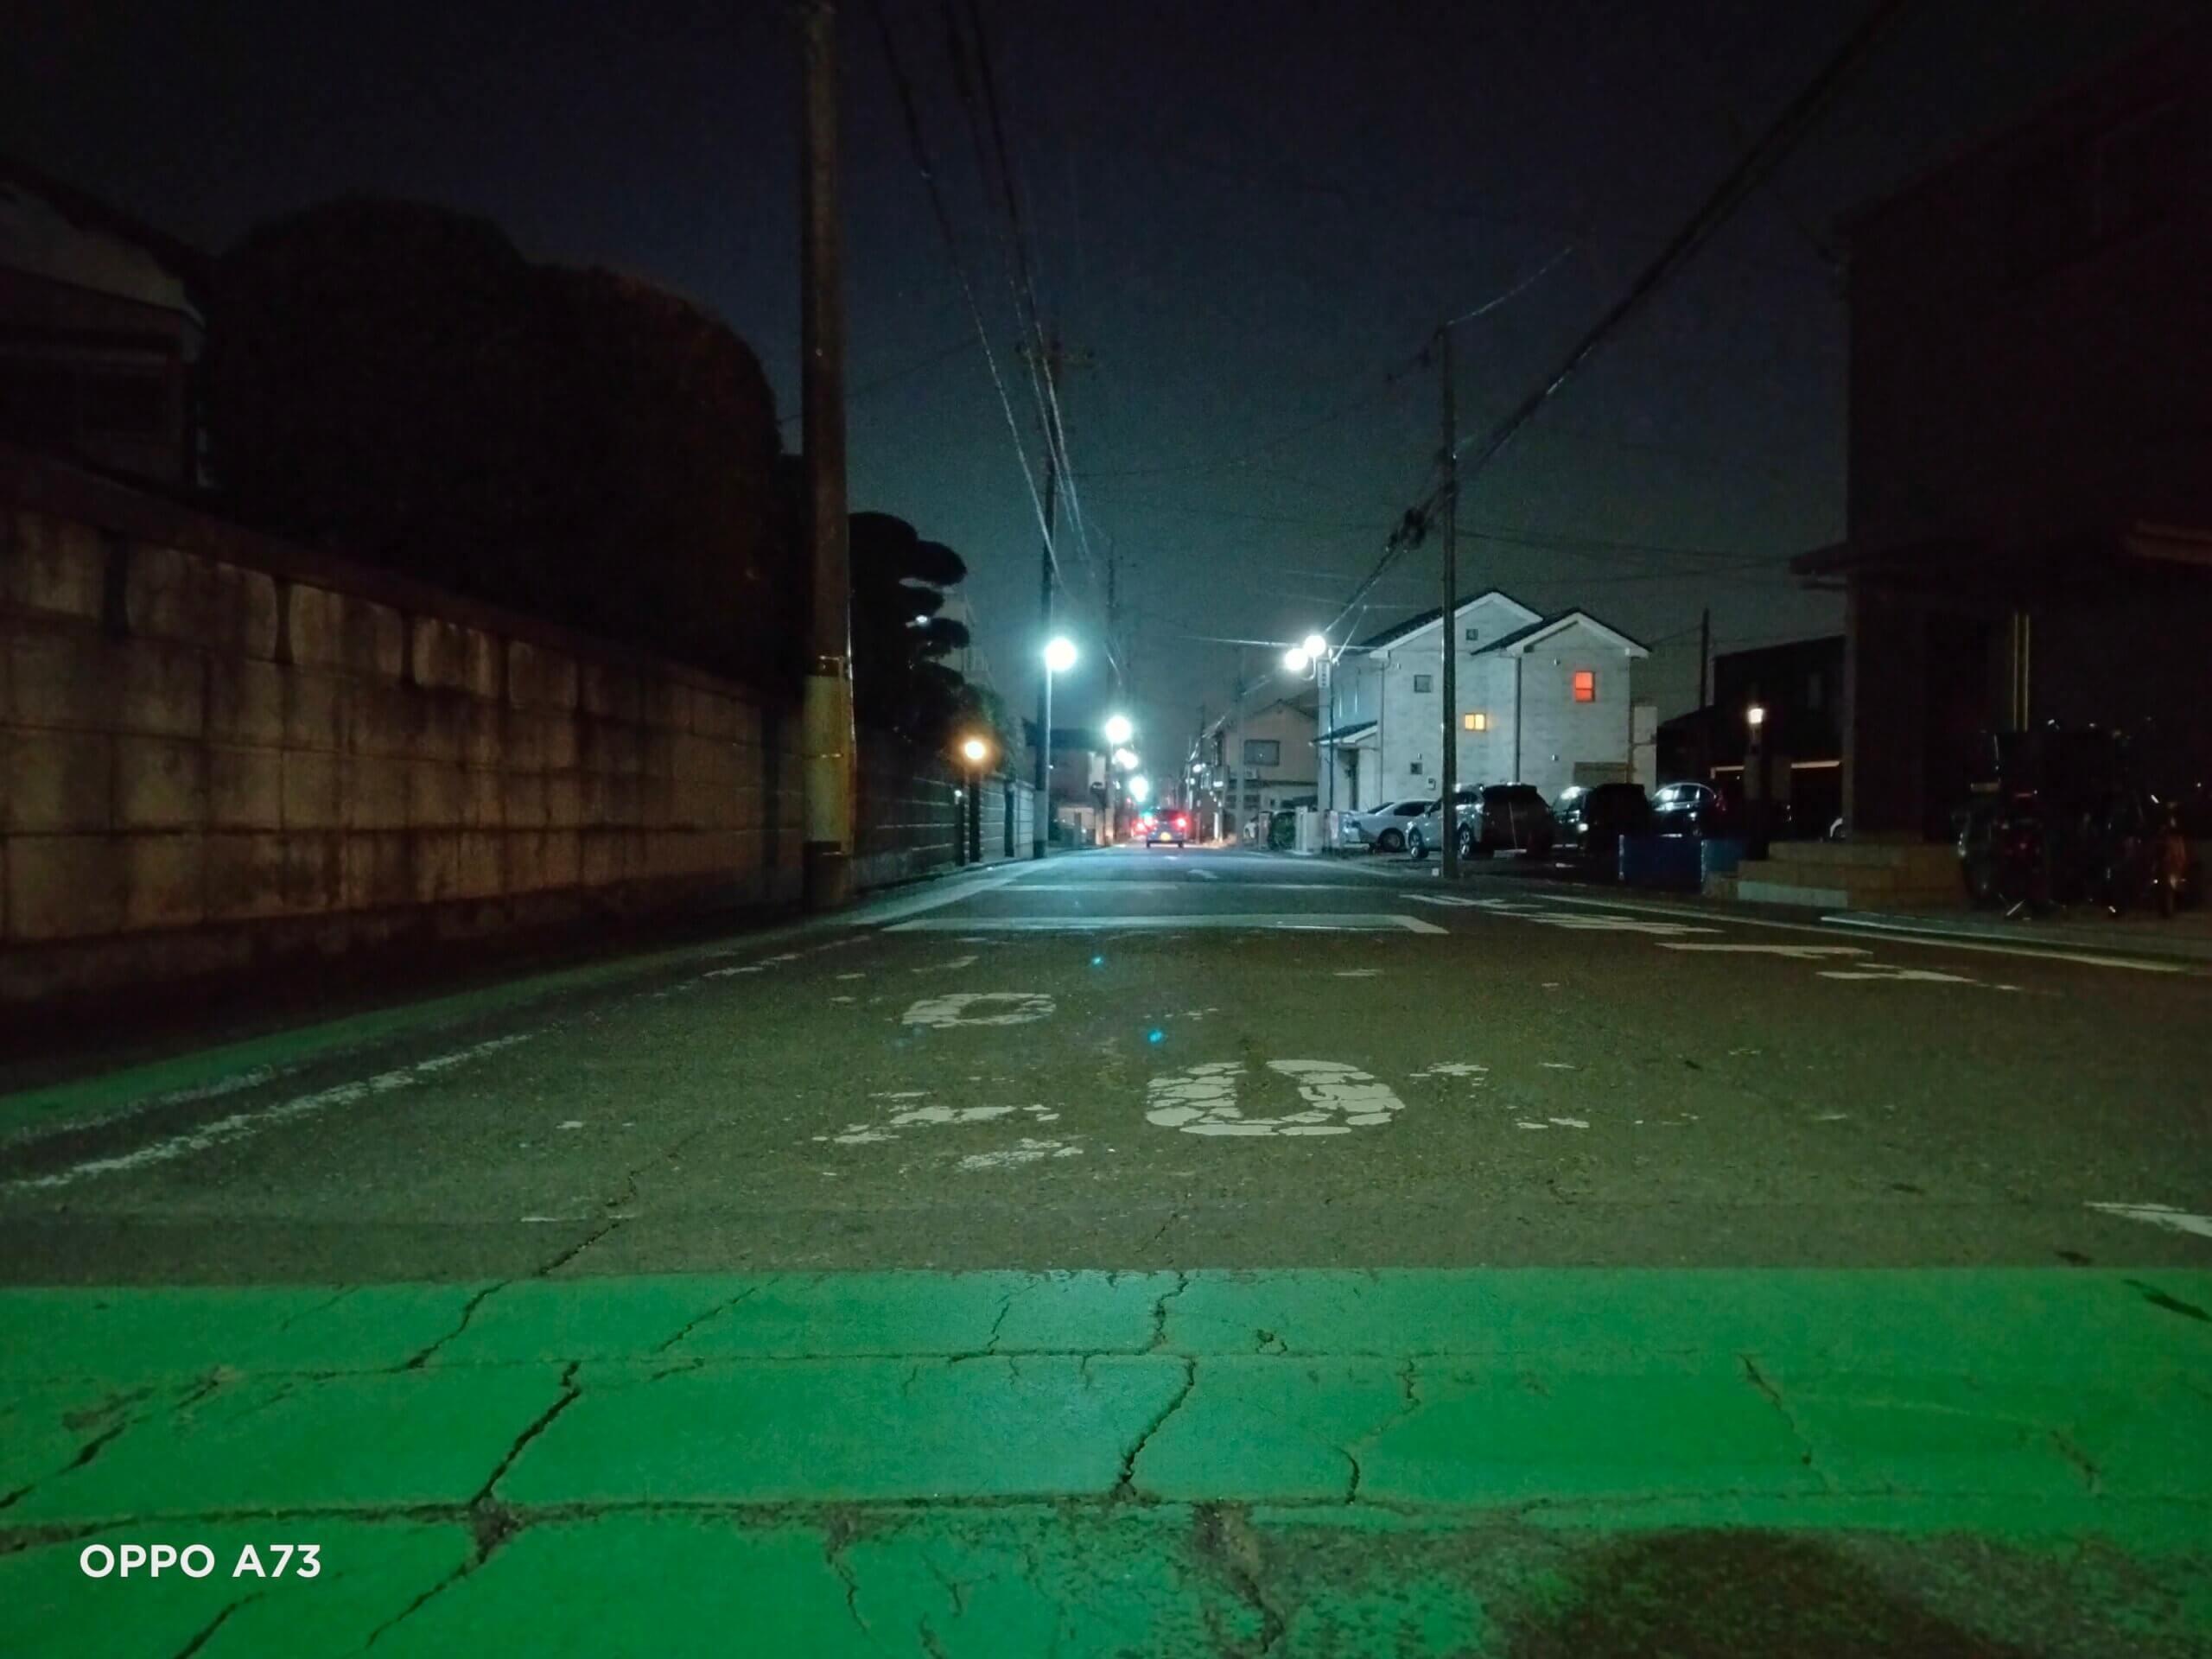 OPPO A73の夜景モードで撮影した町並みの写真